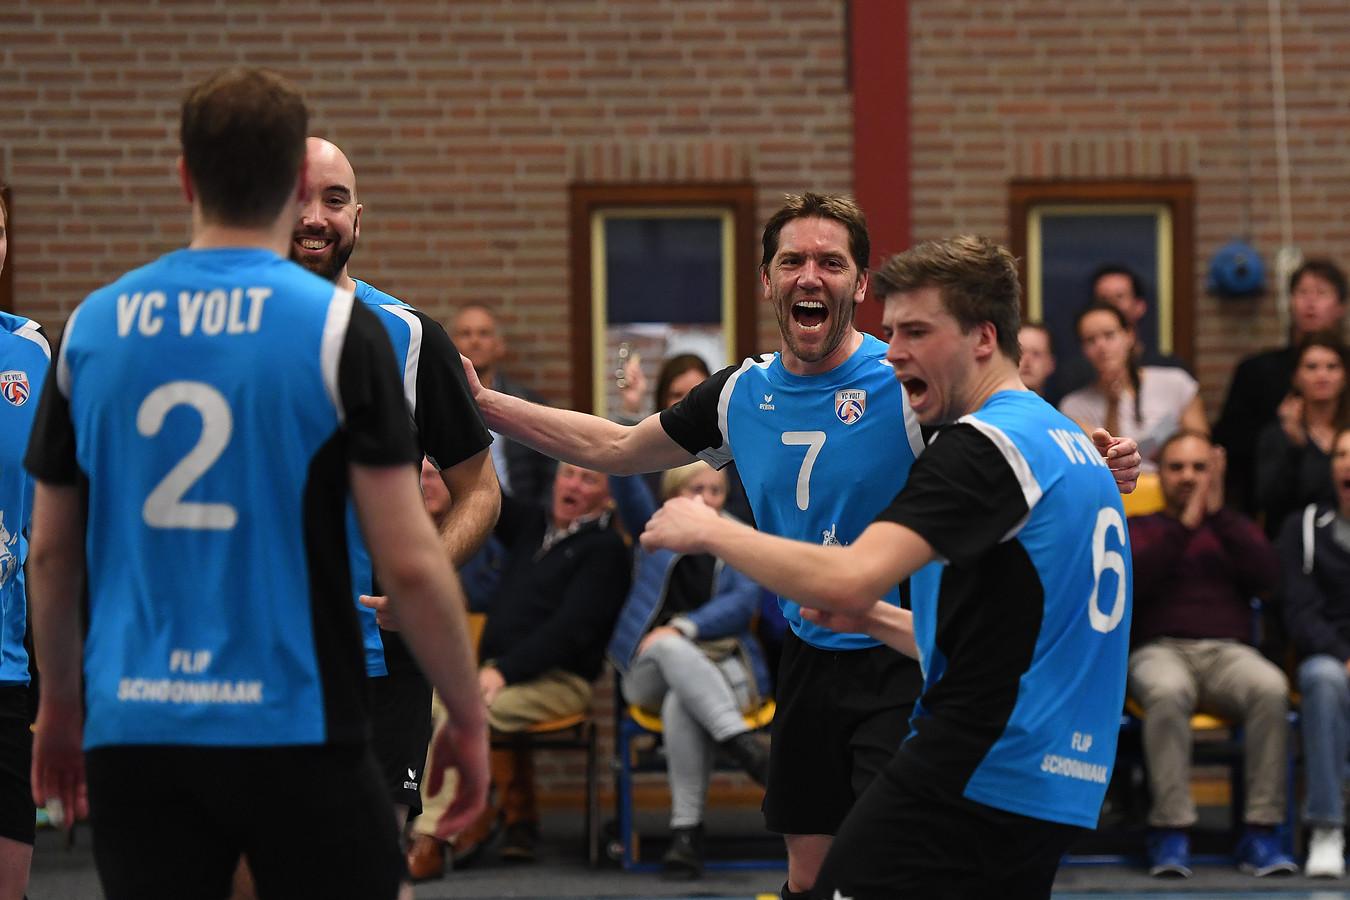 De volleyballers van het eerste team van Volt vieren een punt.